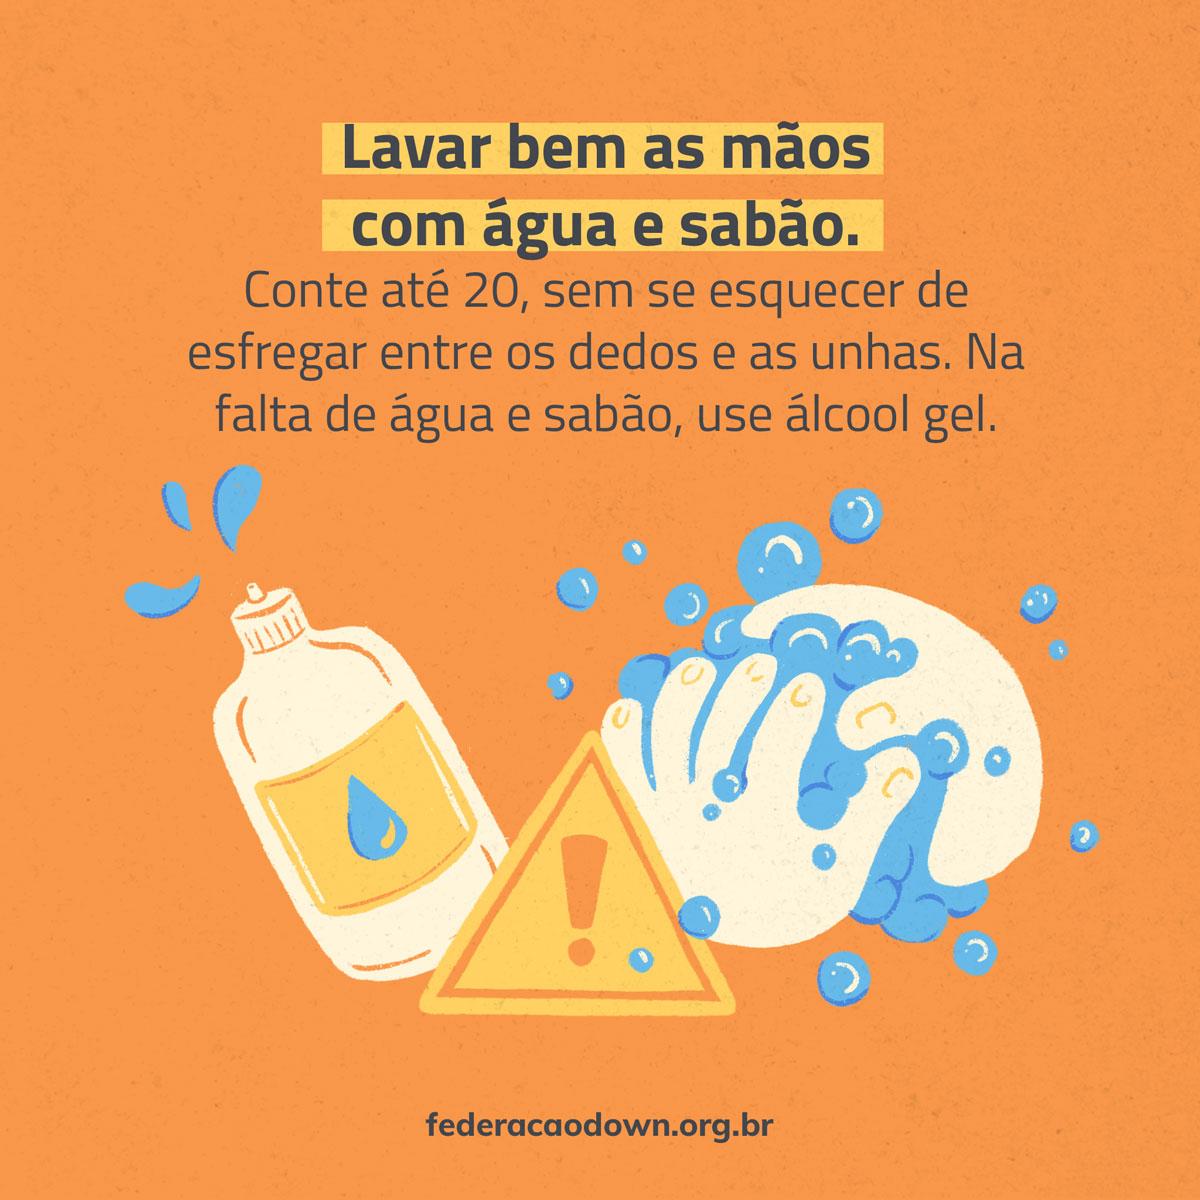 """Imagem: Sobre fundo laranja, aparece (de cima para baixo) a frase (preto): """"Lavar bem as mãos com água e sabão. Conte até 20, sem se esquecer de esfregar os dedos e as unhas. Na falta de água e sabão, use álcool gel"""". Abaixo seguem as ilustrações de um frasco de álcool, duas mãos juntas com bolhas de sabão ao redor e no meio delas um ponto de interrogação. Na parte inferior está o site federacaodown.org.br."""